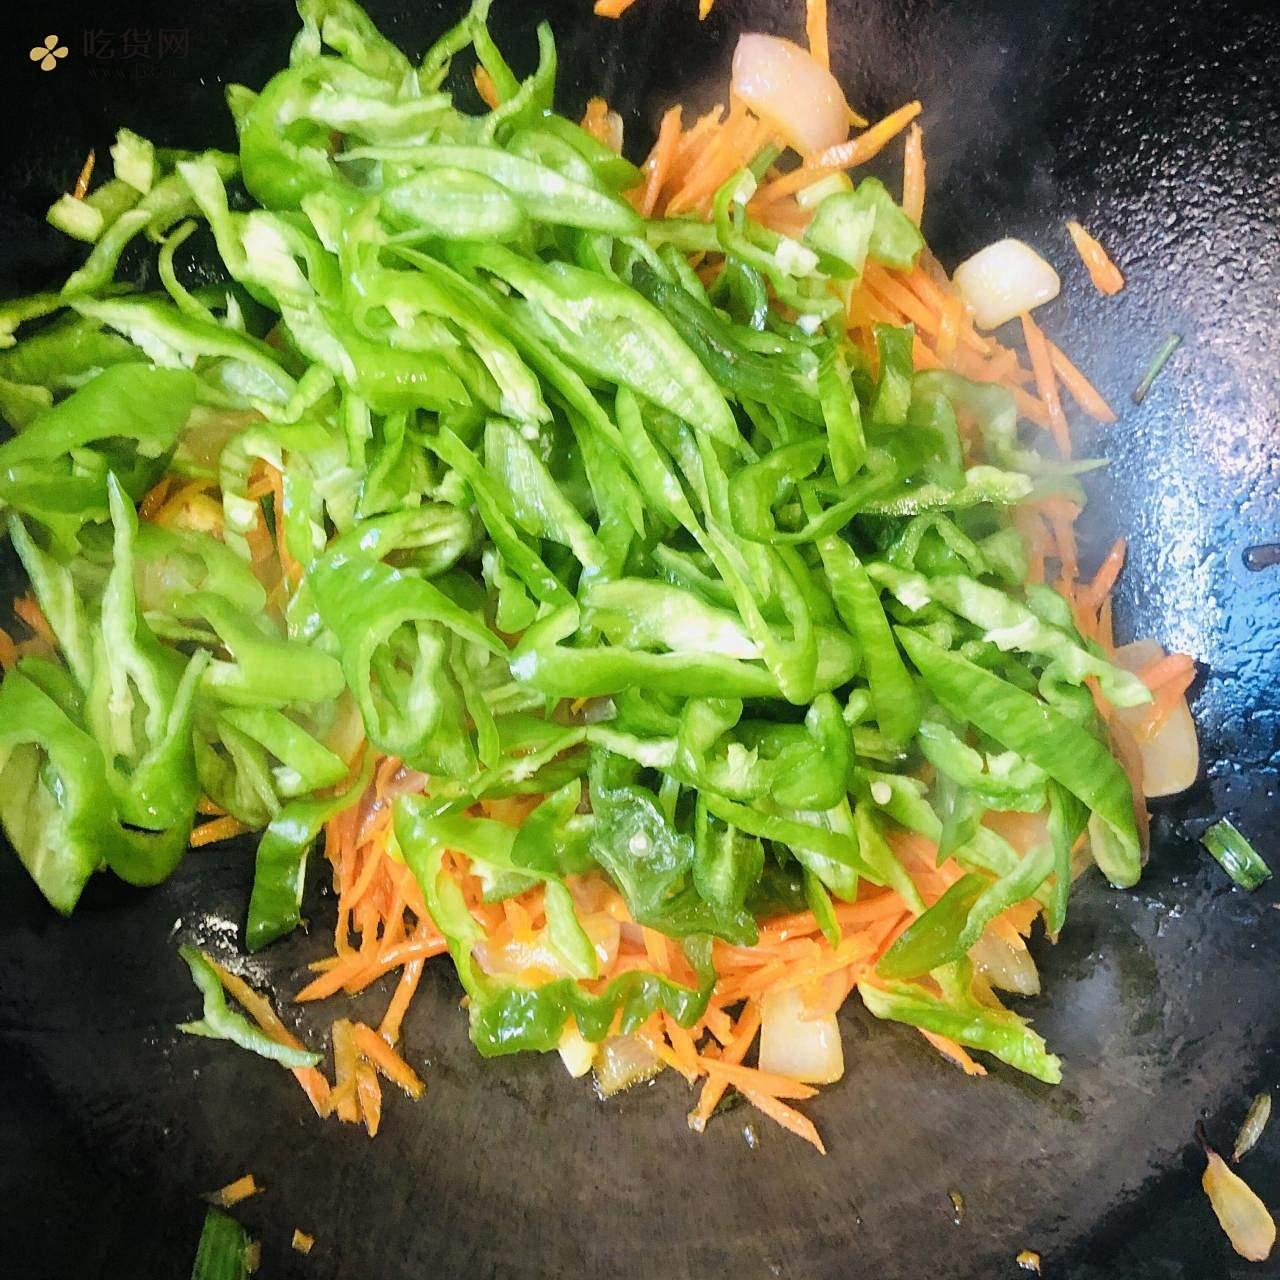 减肥餐-红萝卜炒青椒的做法 步骤8